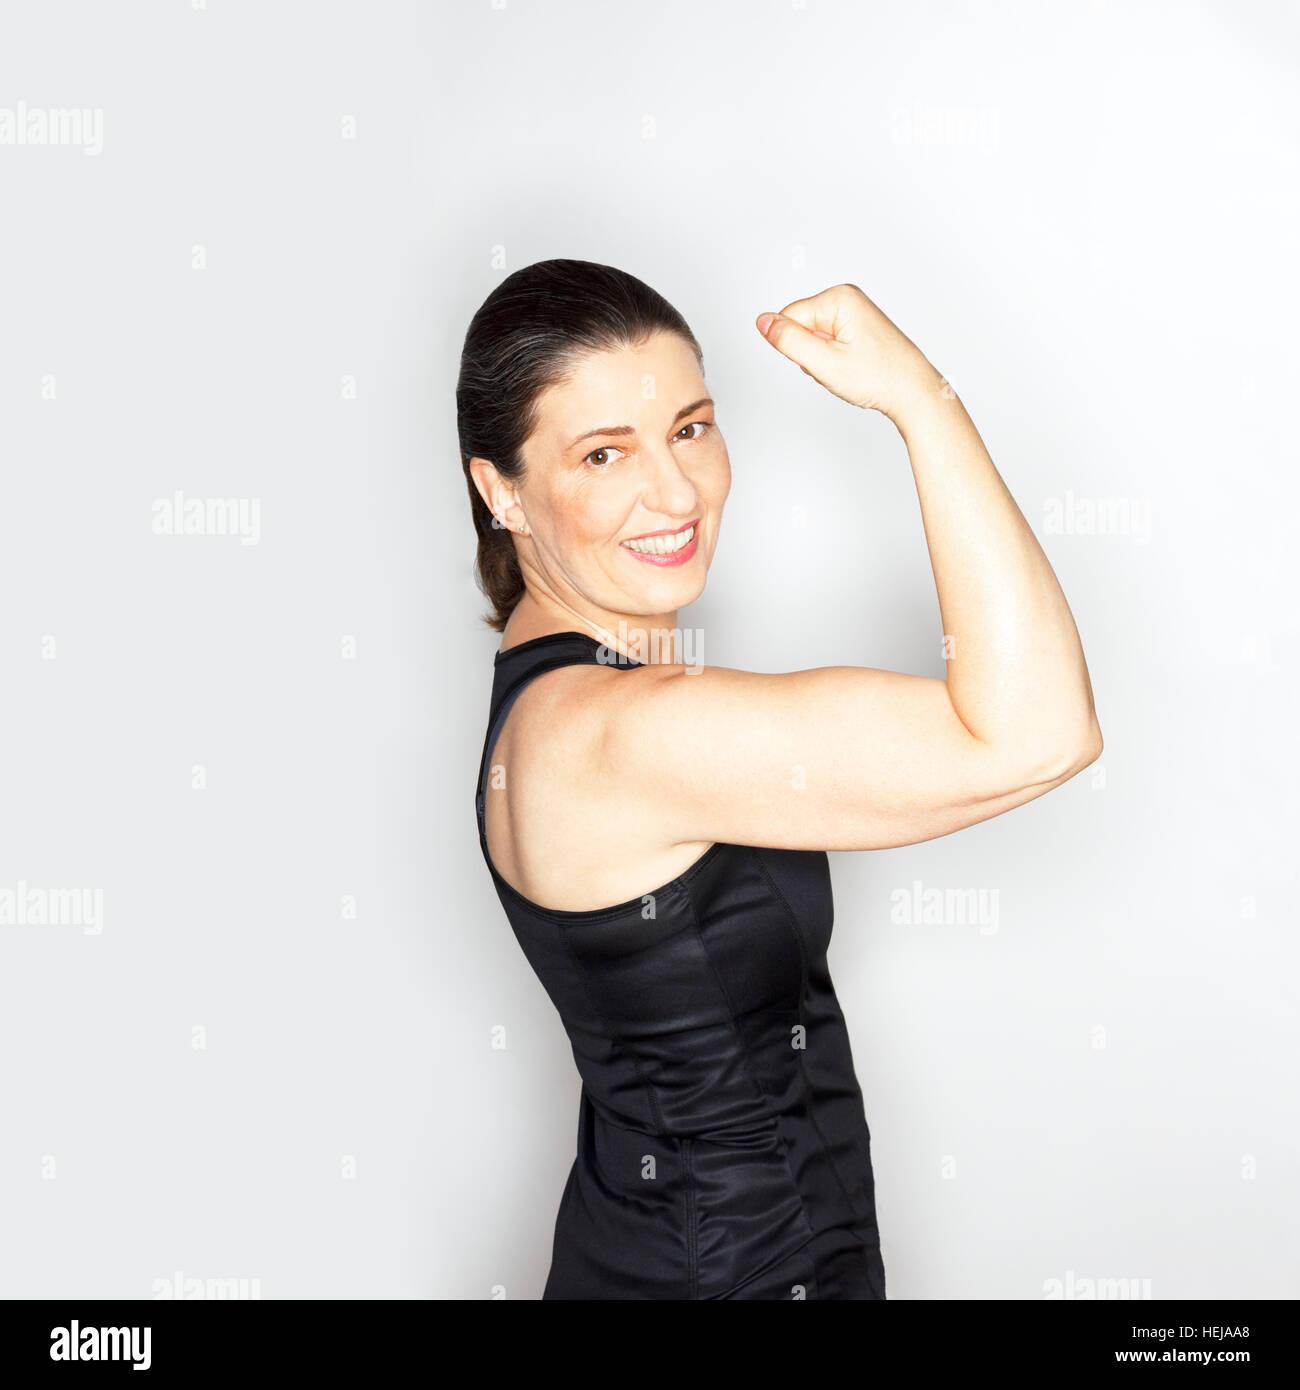 Auto-confianza mujer adulta en negro bisceps muscleshirt mostrando sus músculos, luz de fondo, responsable Imagen De Stock